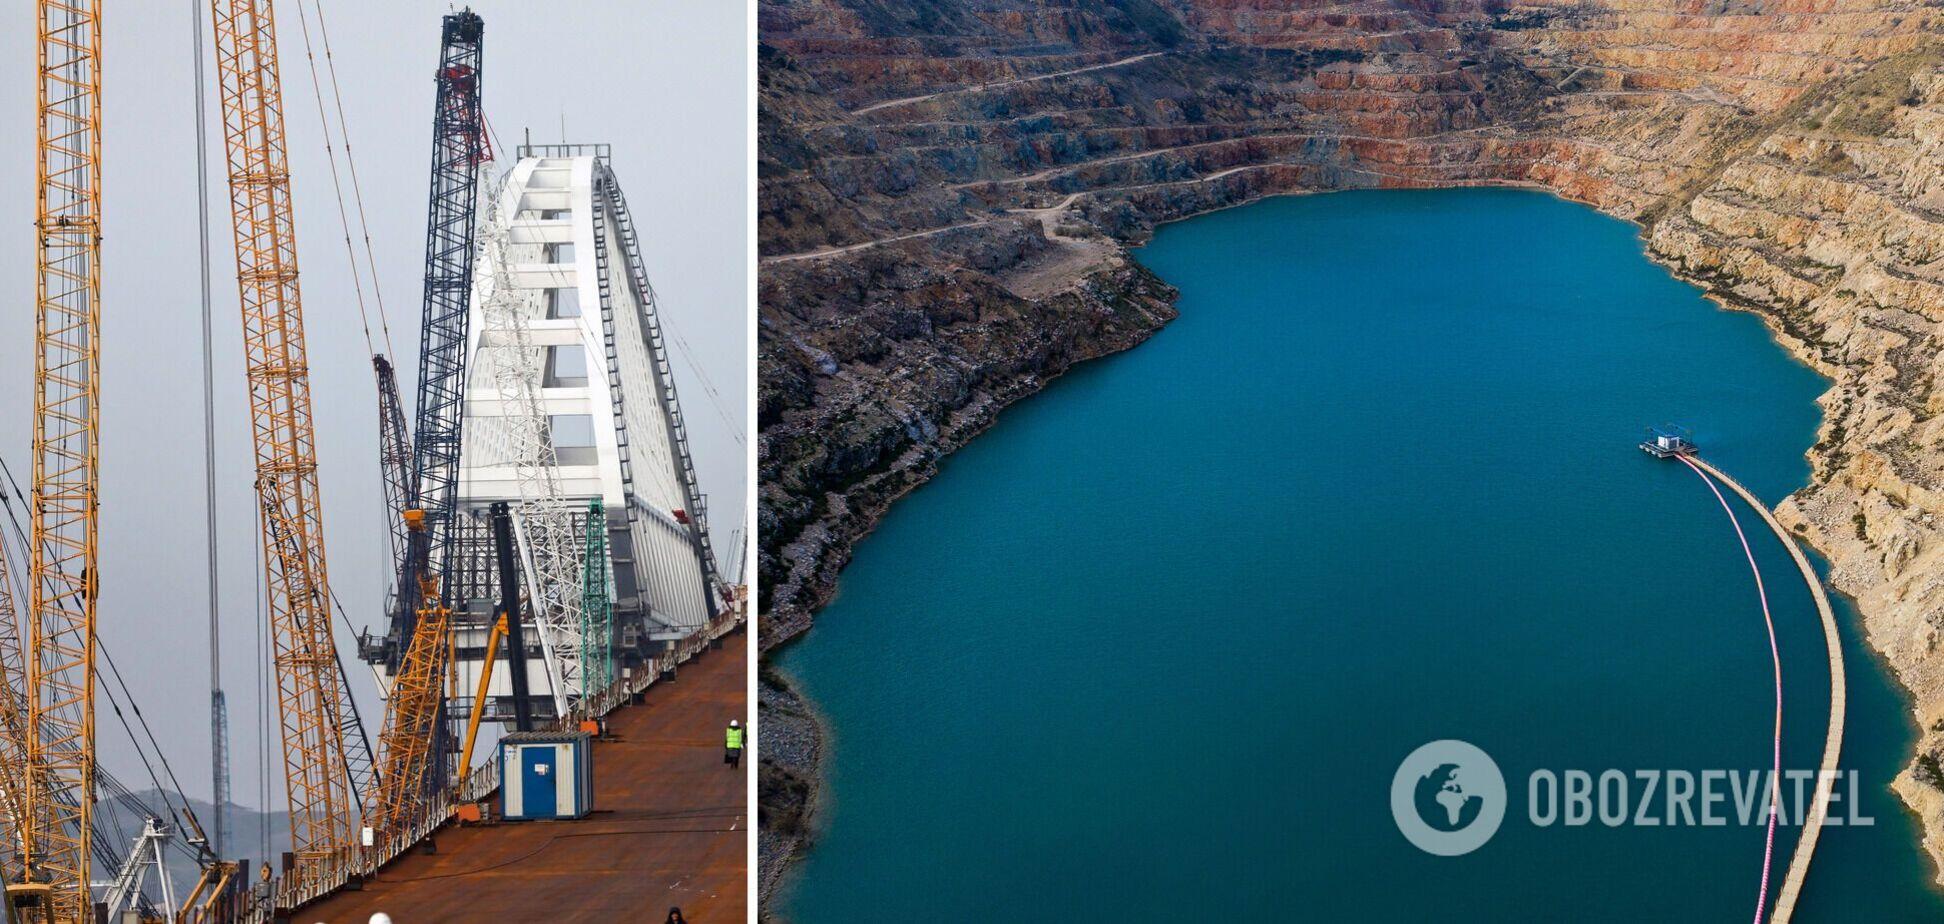 Вода для Крыма обойдется дороже Крымского моста, – Сенченко